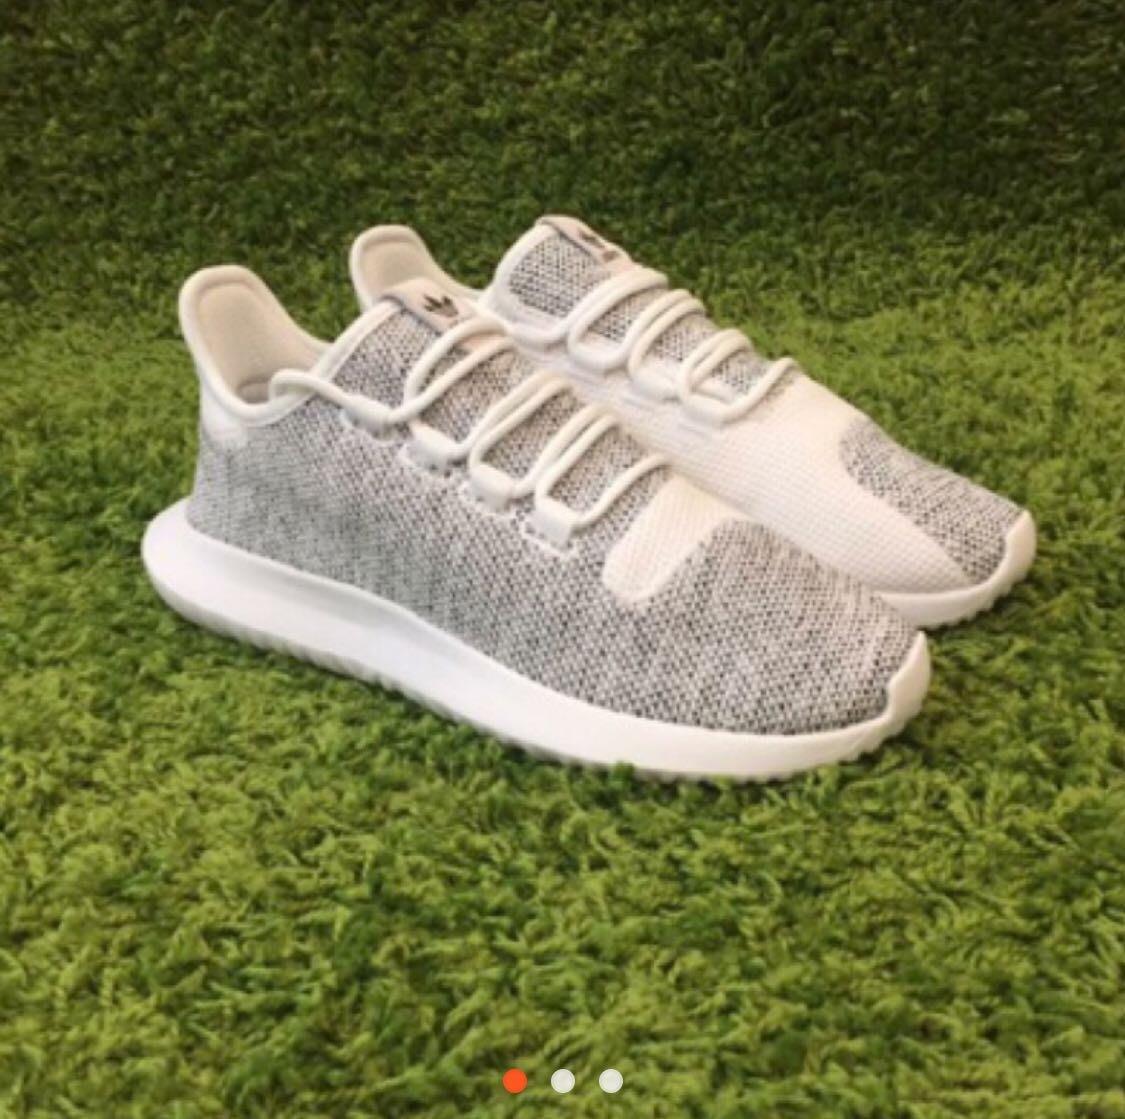 Adidas 小yeezy